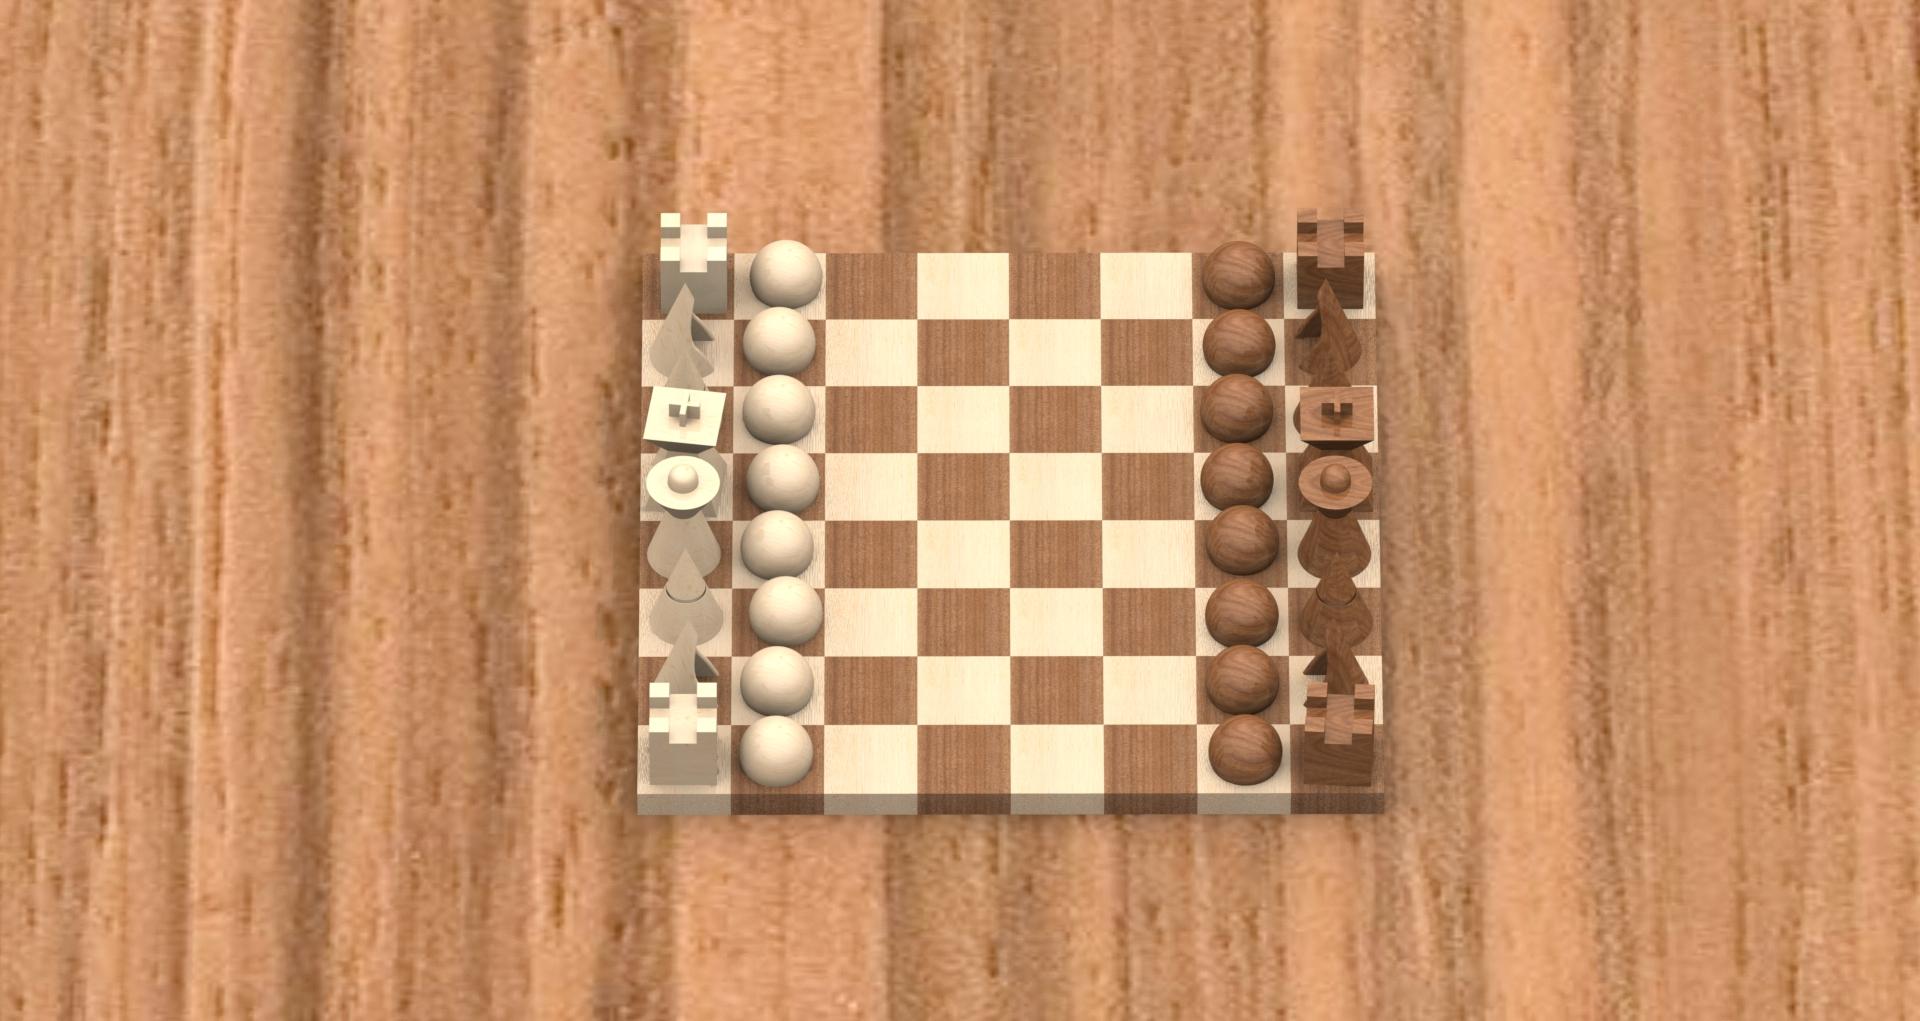 chess set design matias botero